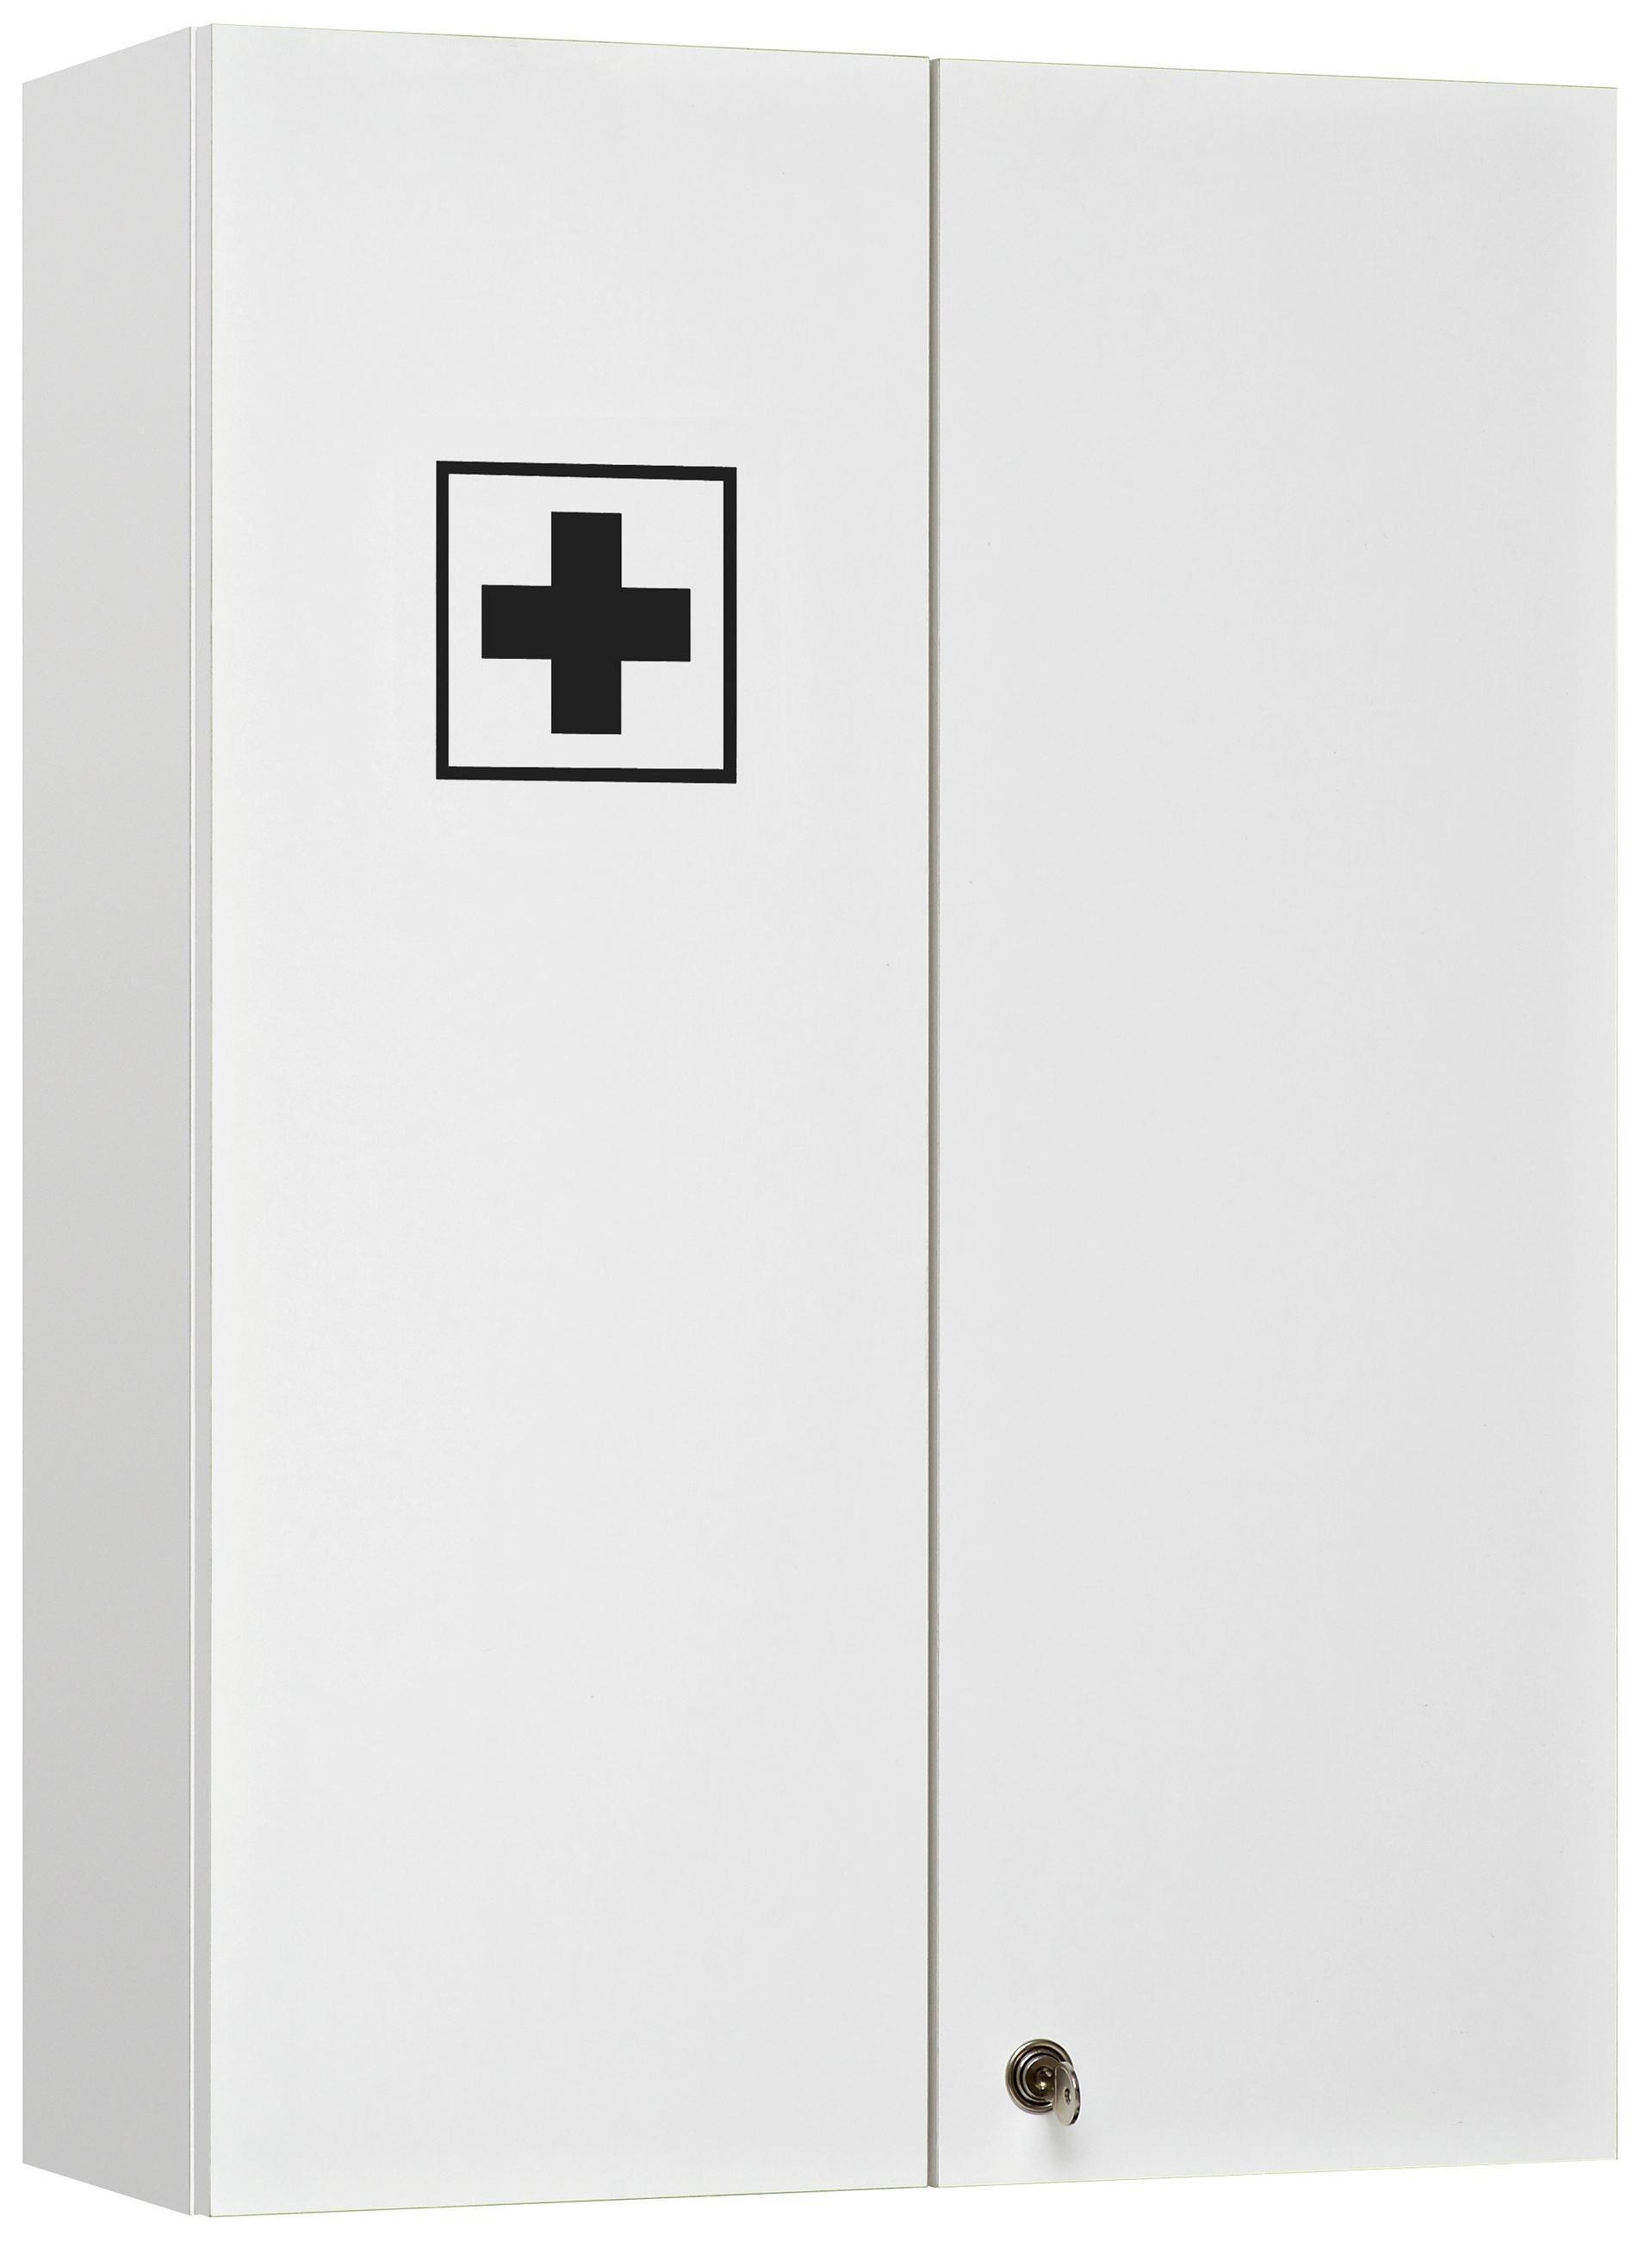 MEDIZINSCHRANK Weiß - Weiß, KONVENTIONELL, Glas (50/70/20cm) - XORA